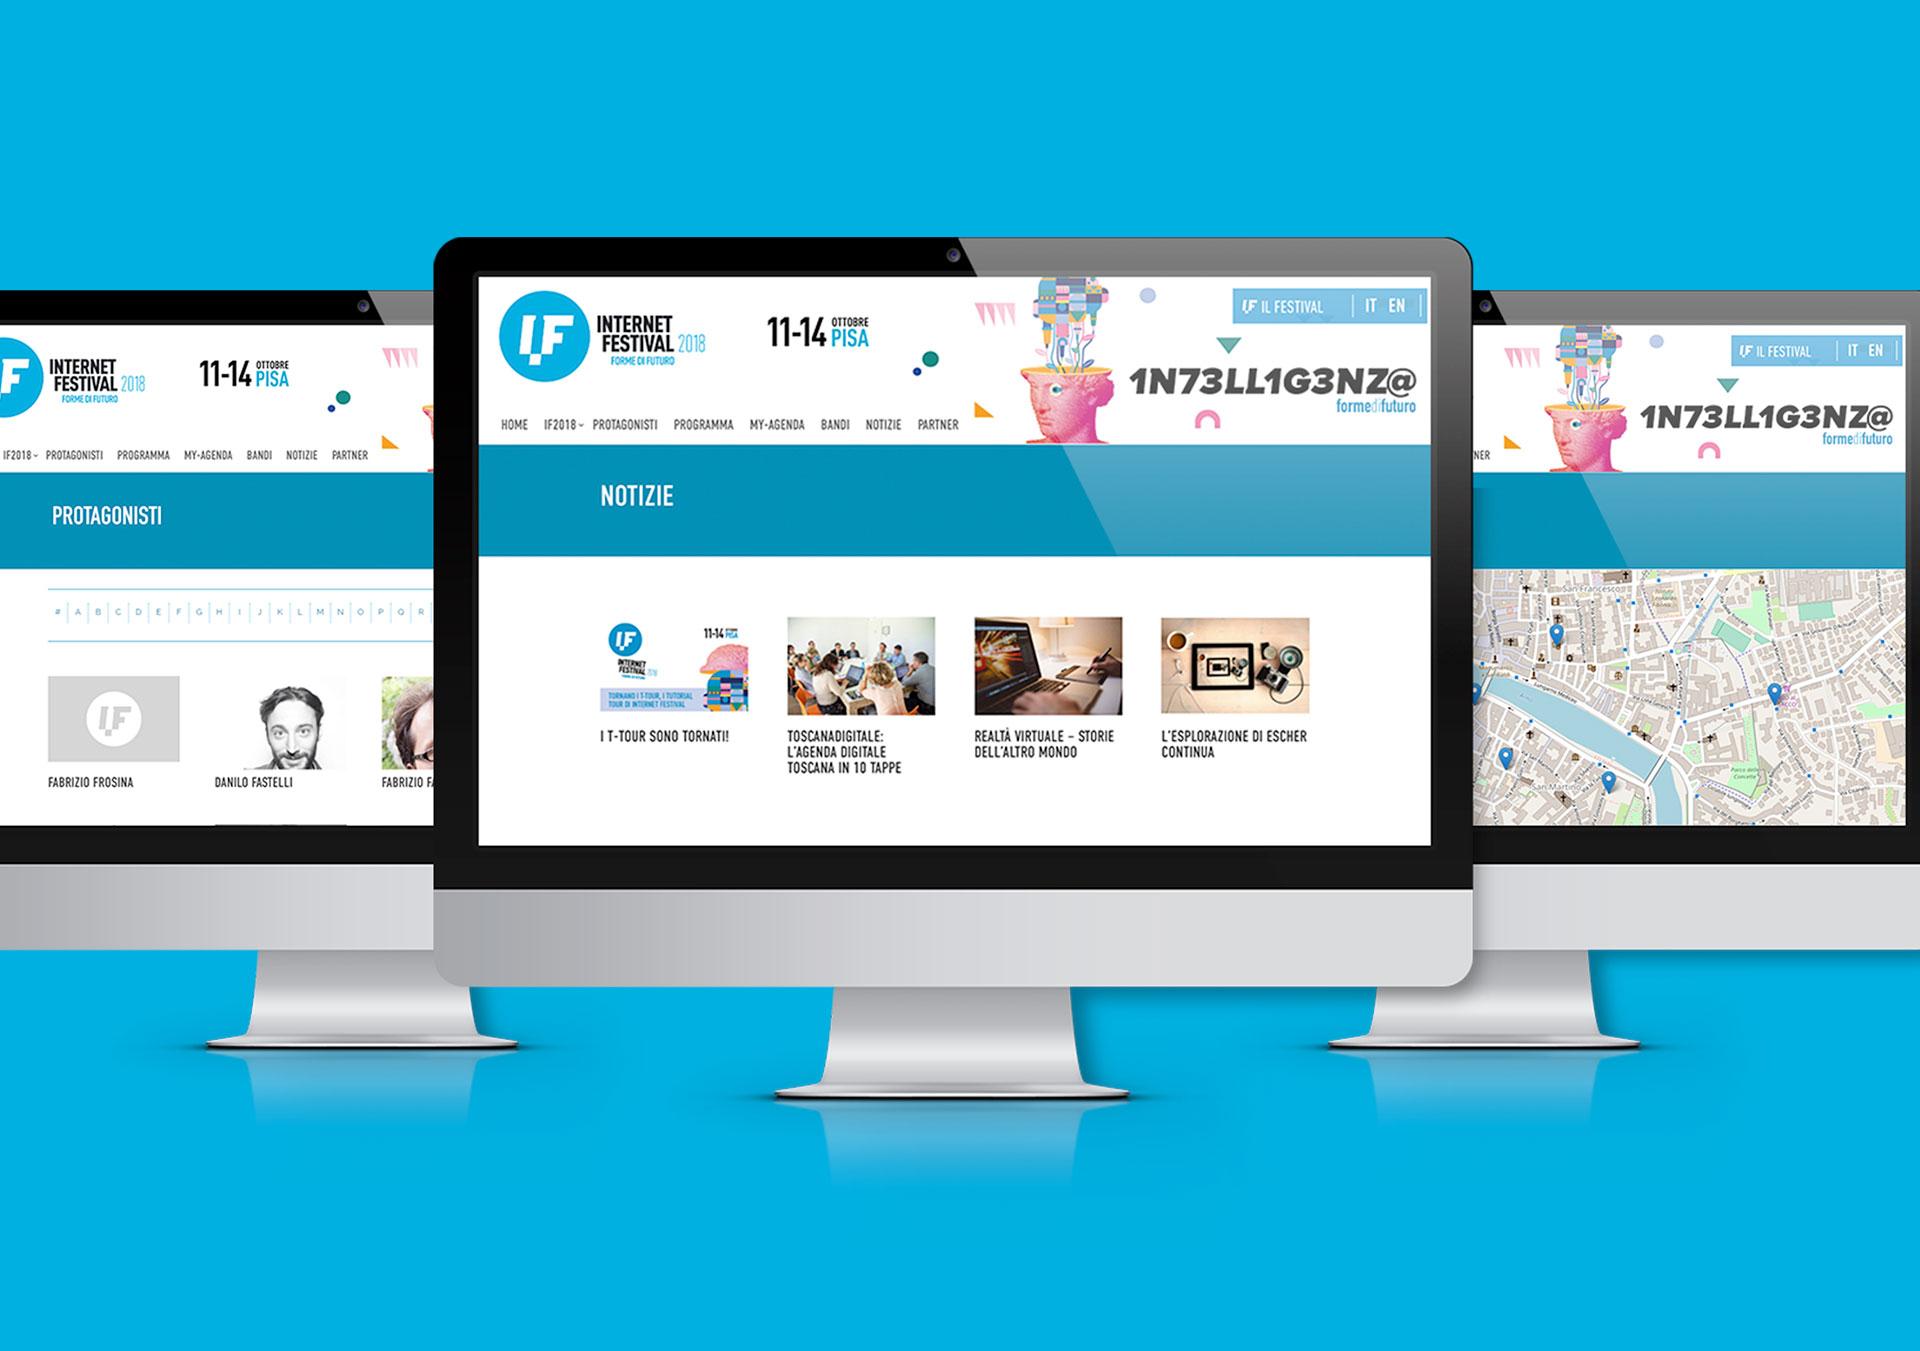 Internet-Festival-site-monitors